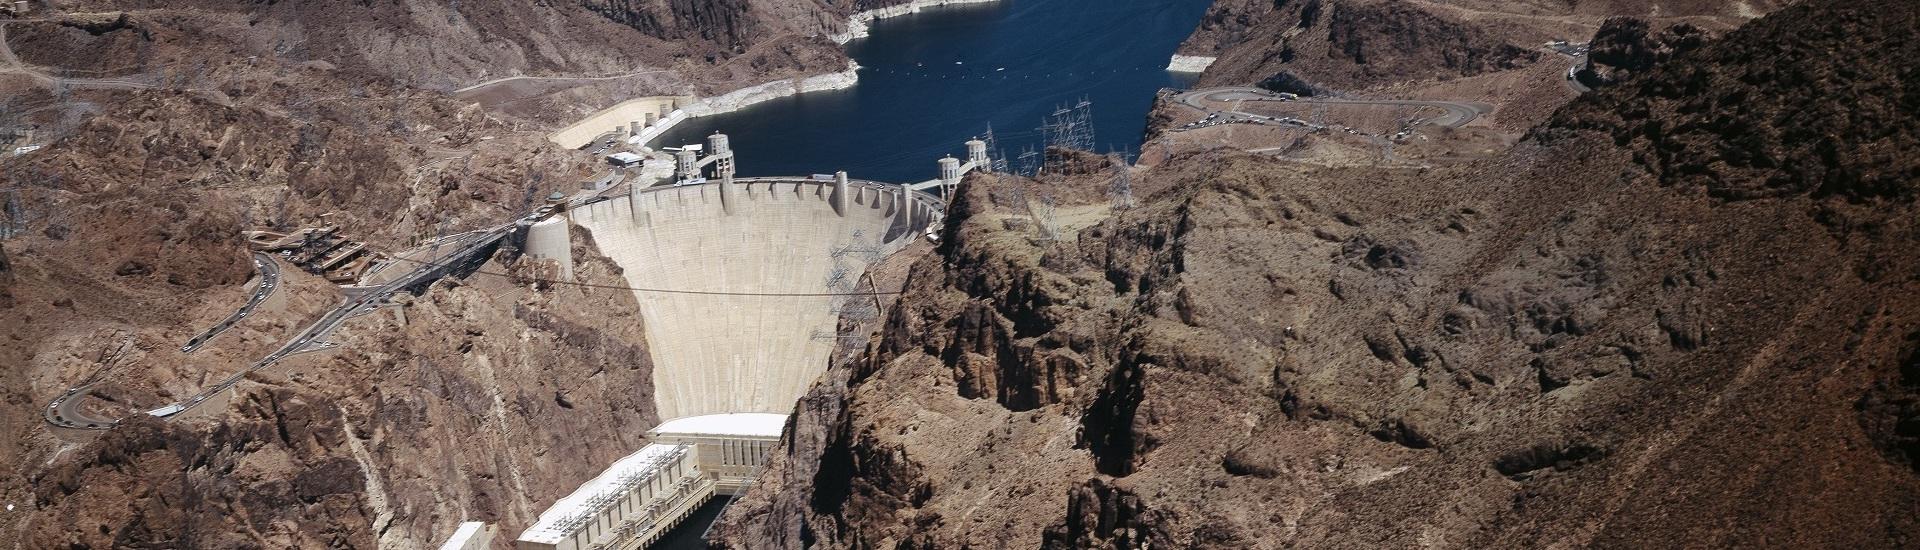 Colorado River lawsuit DGR